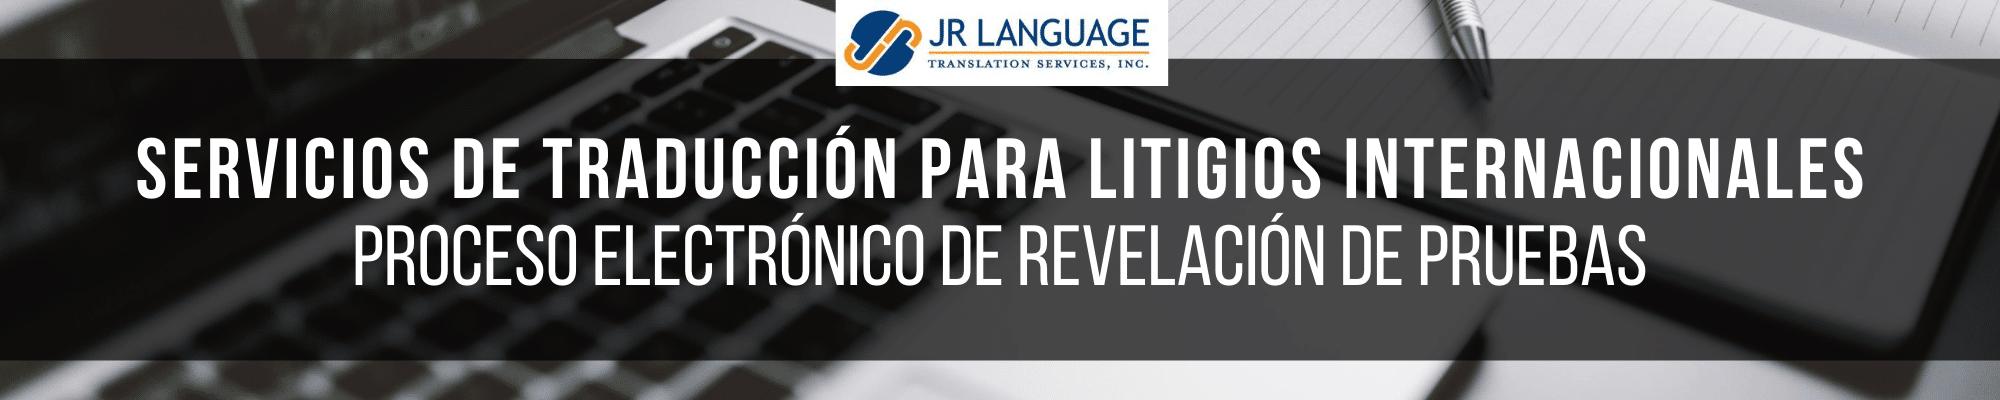 Traducción jurídica para litigios internacionales